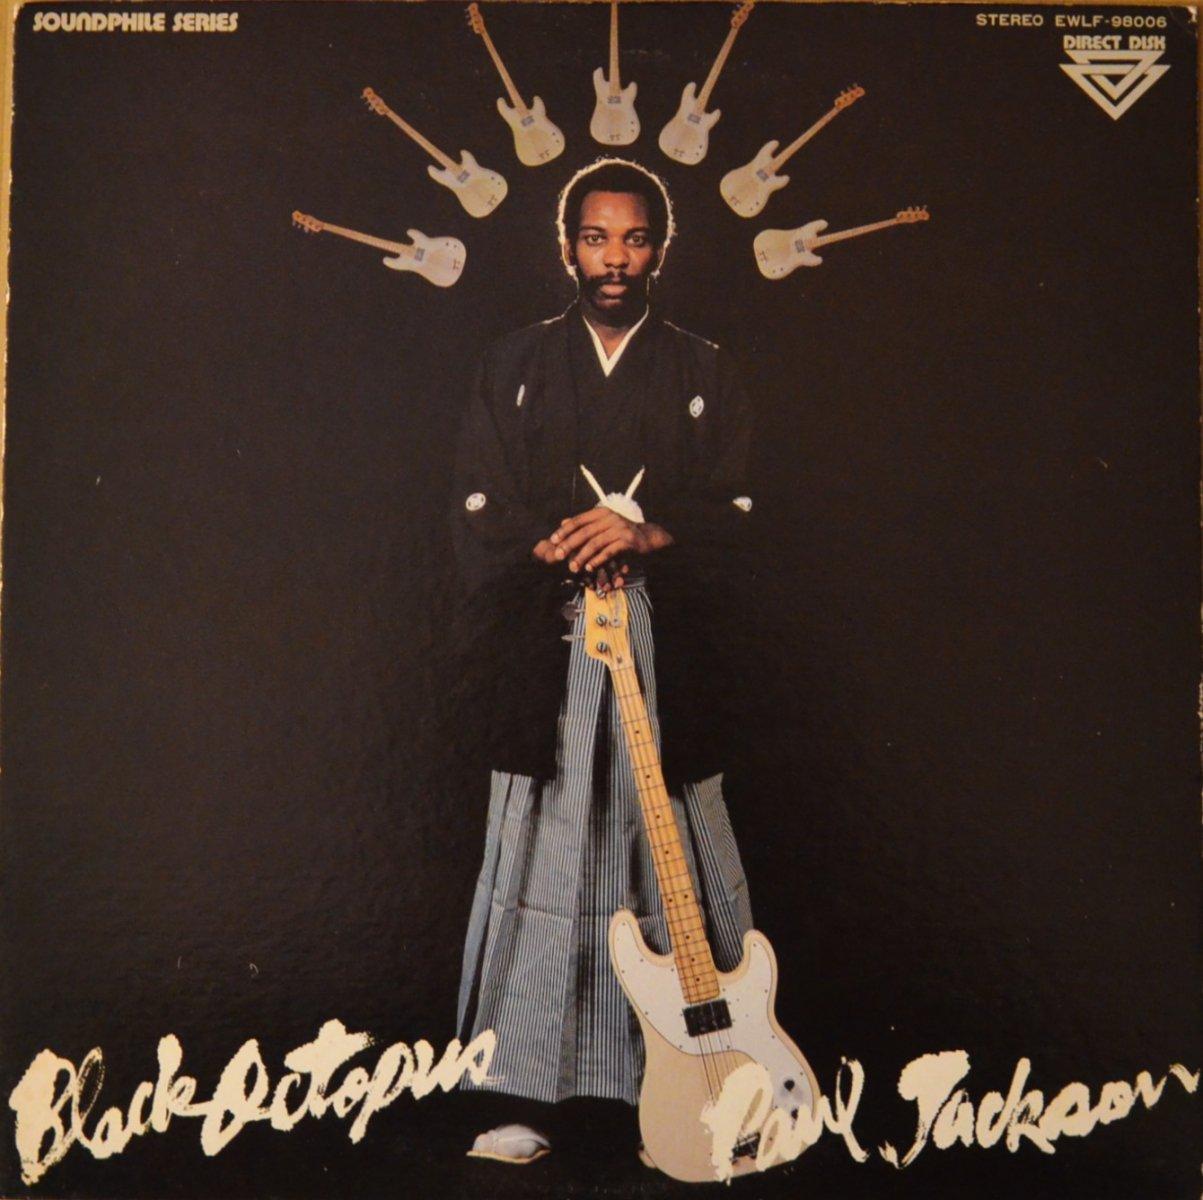 ポール・ジャクスン PAUL JACKSON / ブラック・オクトパス BLACK OCTOPUS (LP)